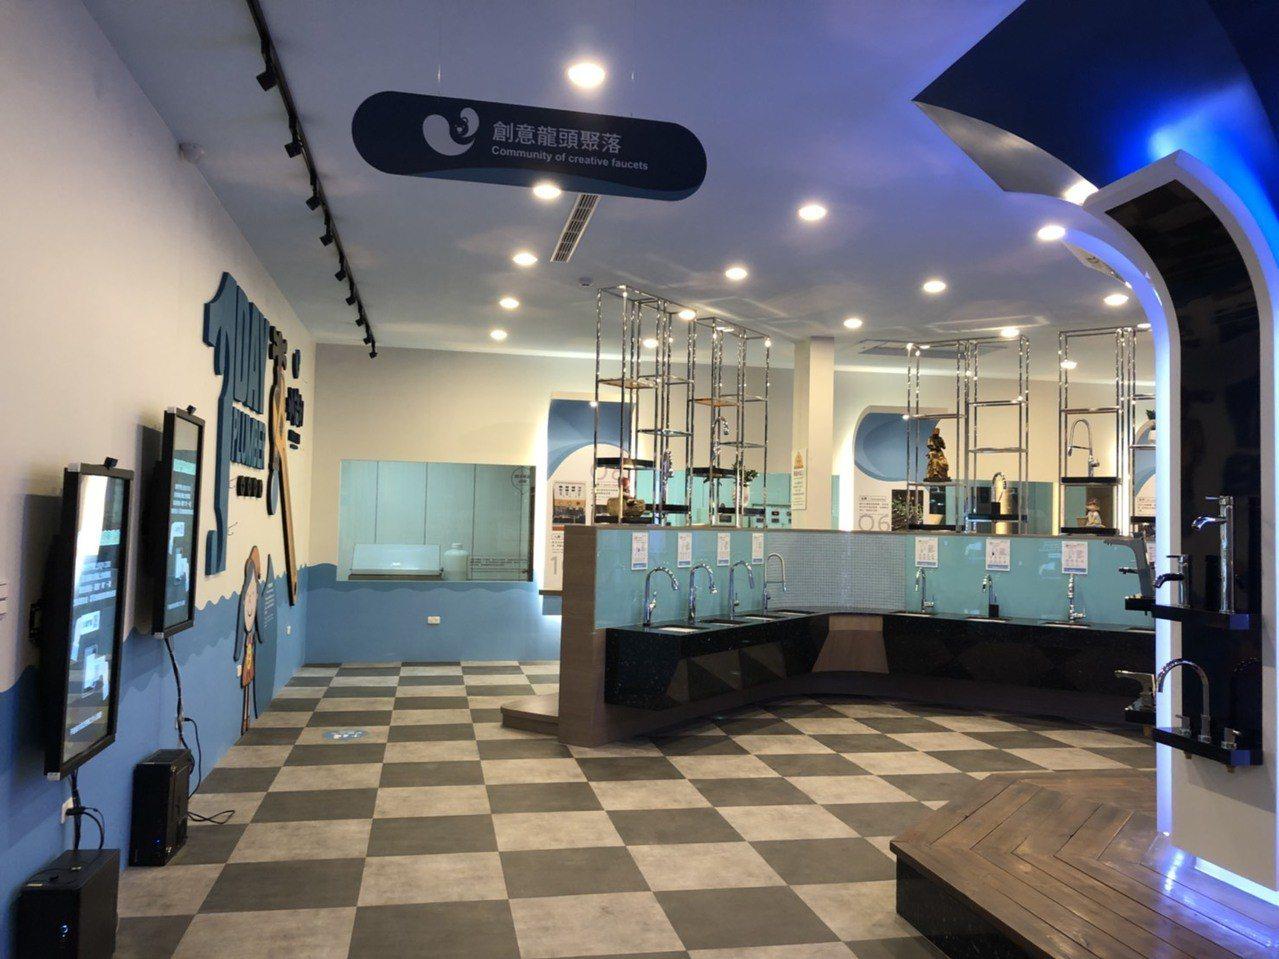 台灣第一座以介紹水龍頭為主題的觀光工廠「水銡利廚衛生活村」,已通過經濟部觀光工廠...